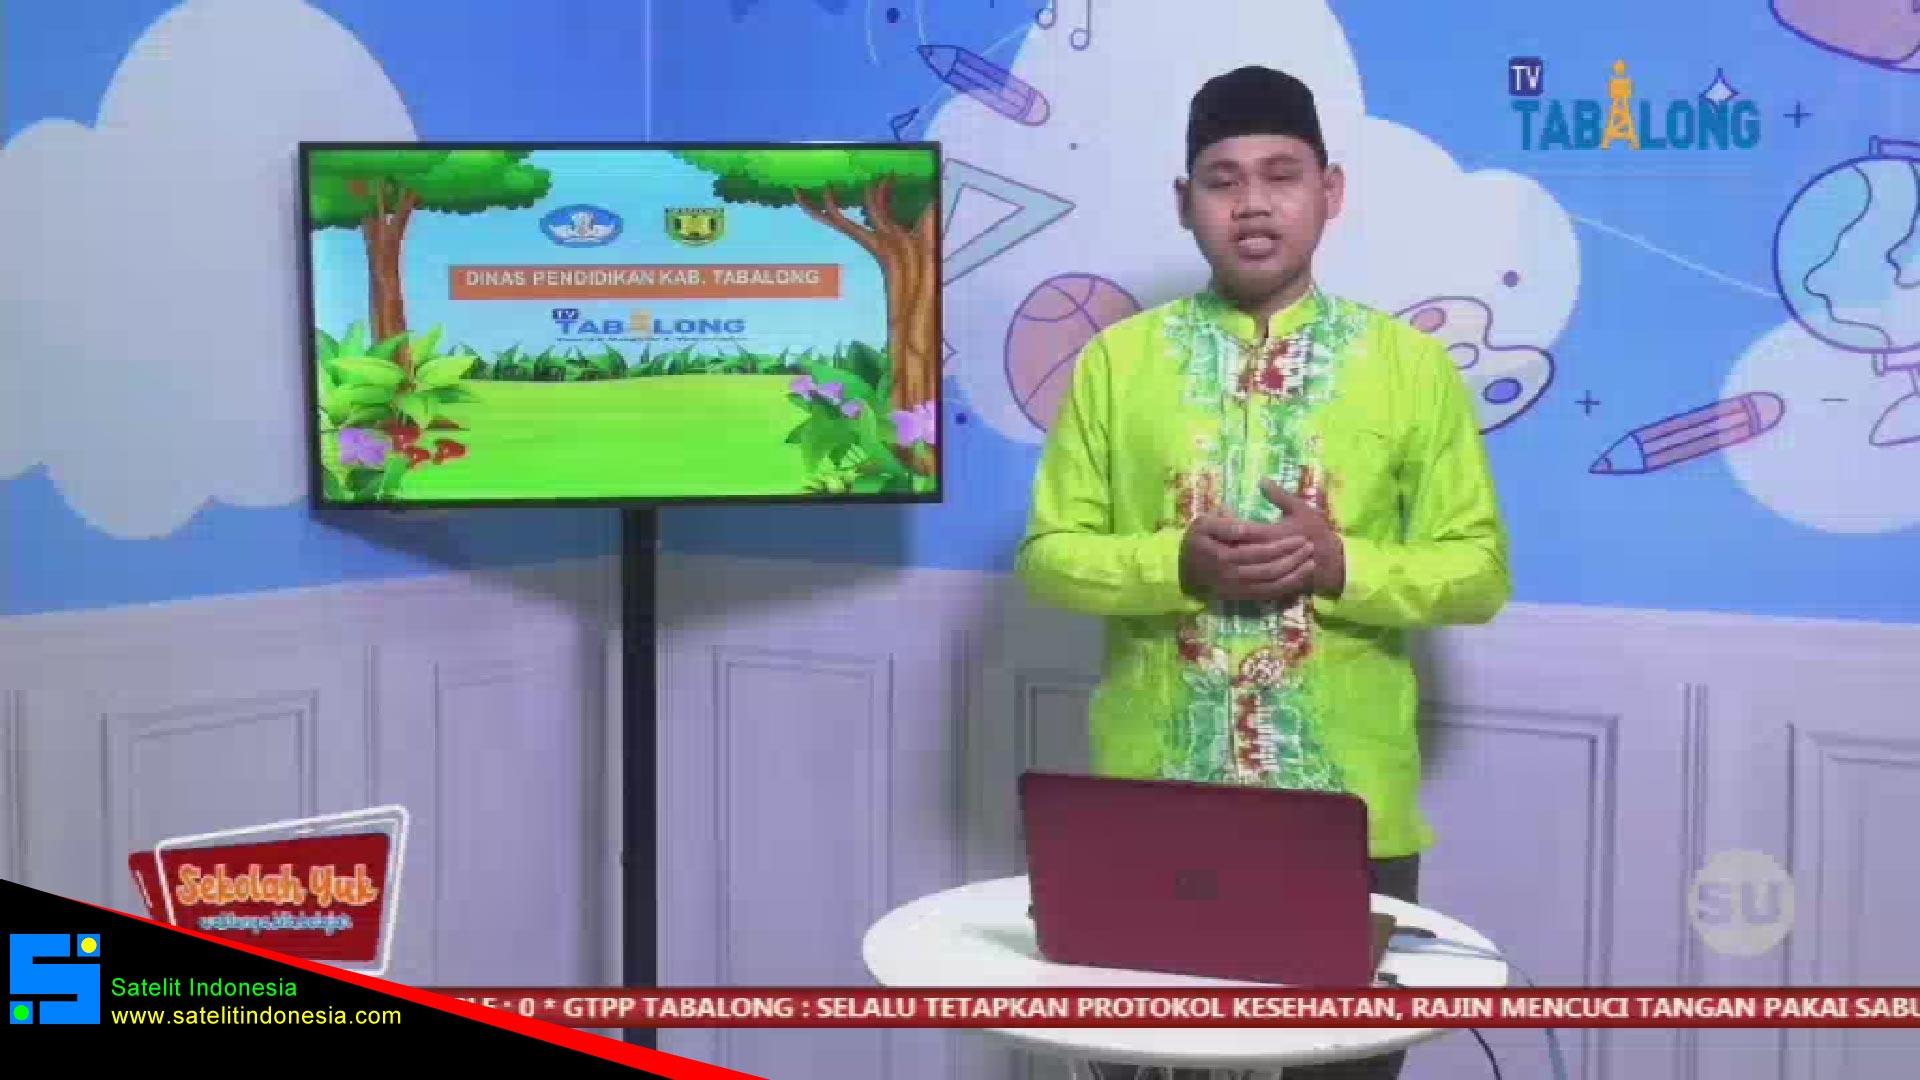 Frekuensi siaran TV Tabalong di satelit Telkom 4 Terbaru